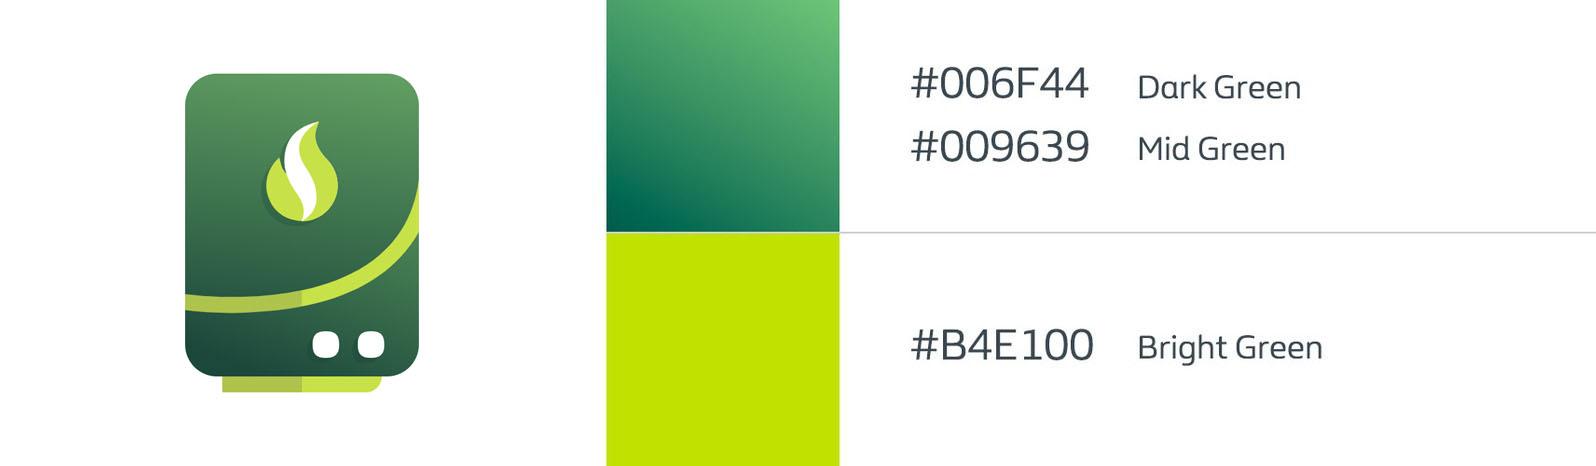 Gradient usage - Green